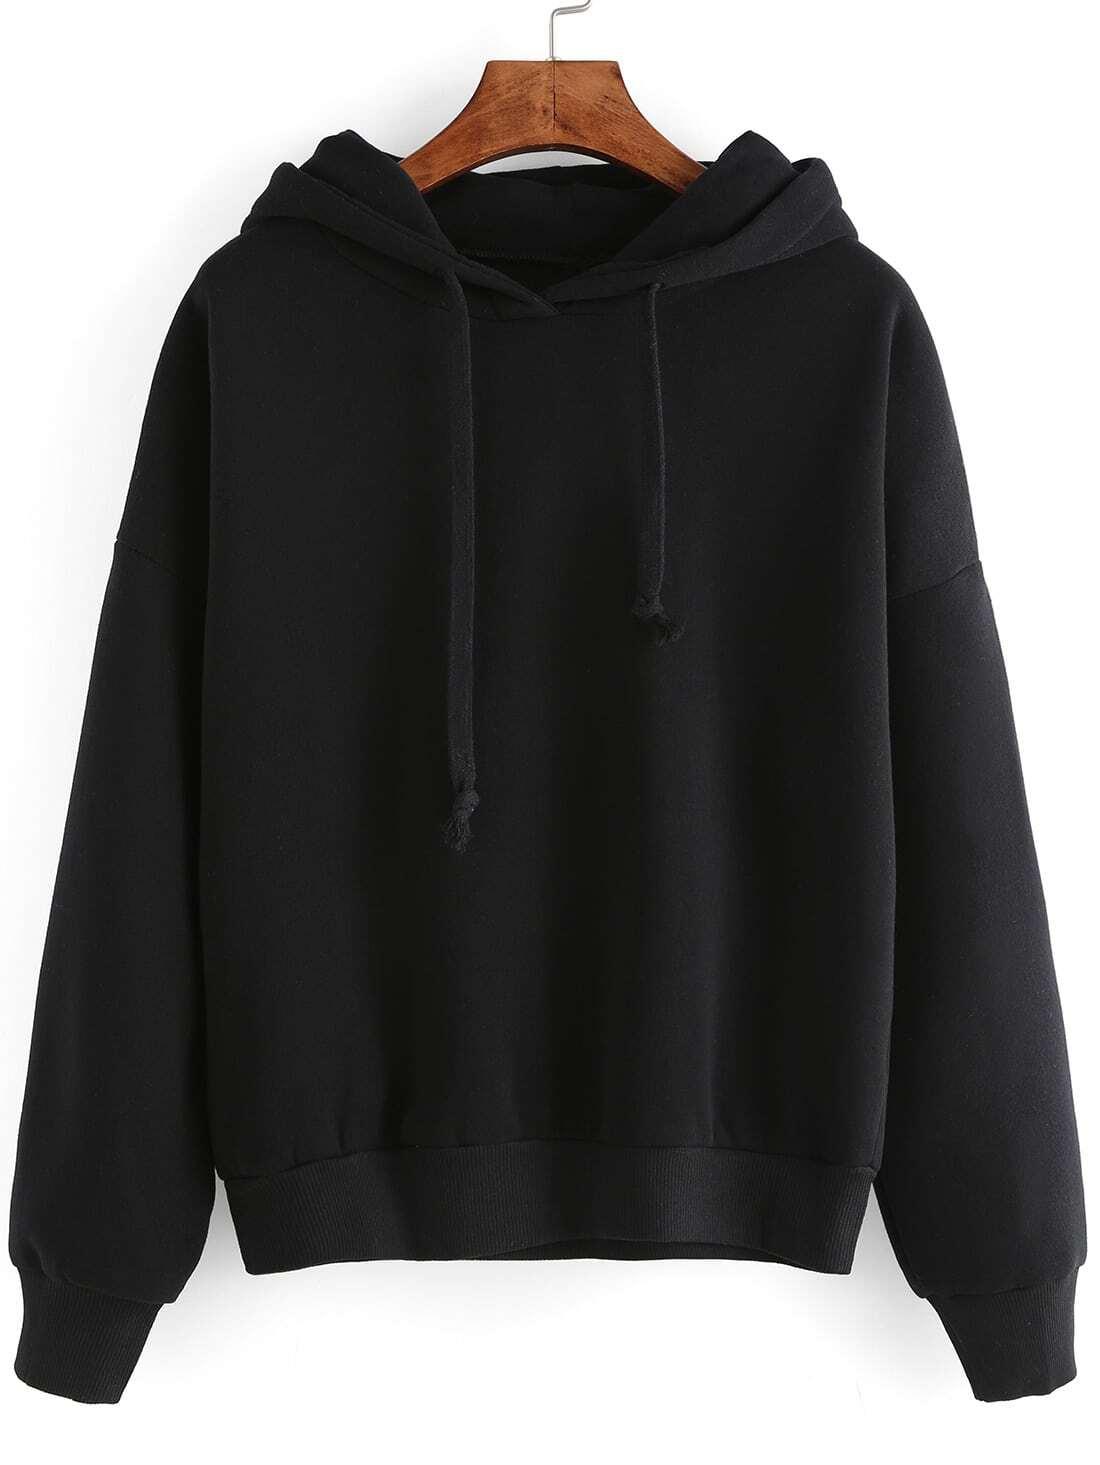 black hooded long sleeve crop sweatshirtfor women